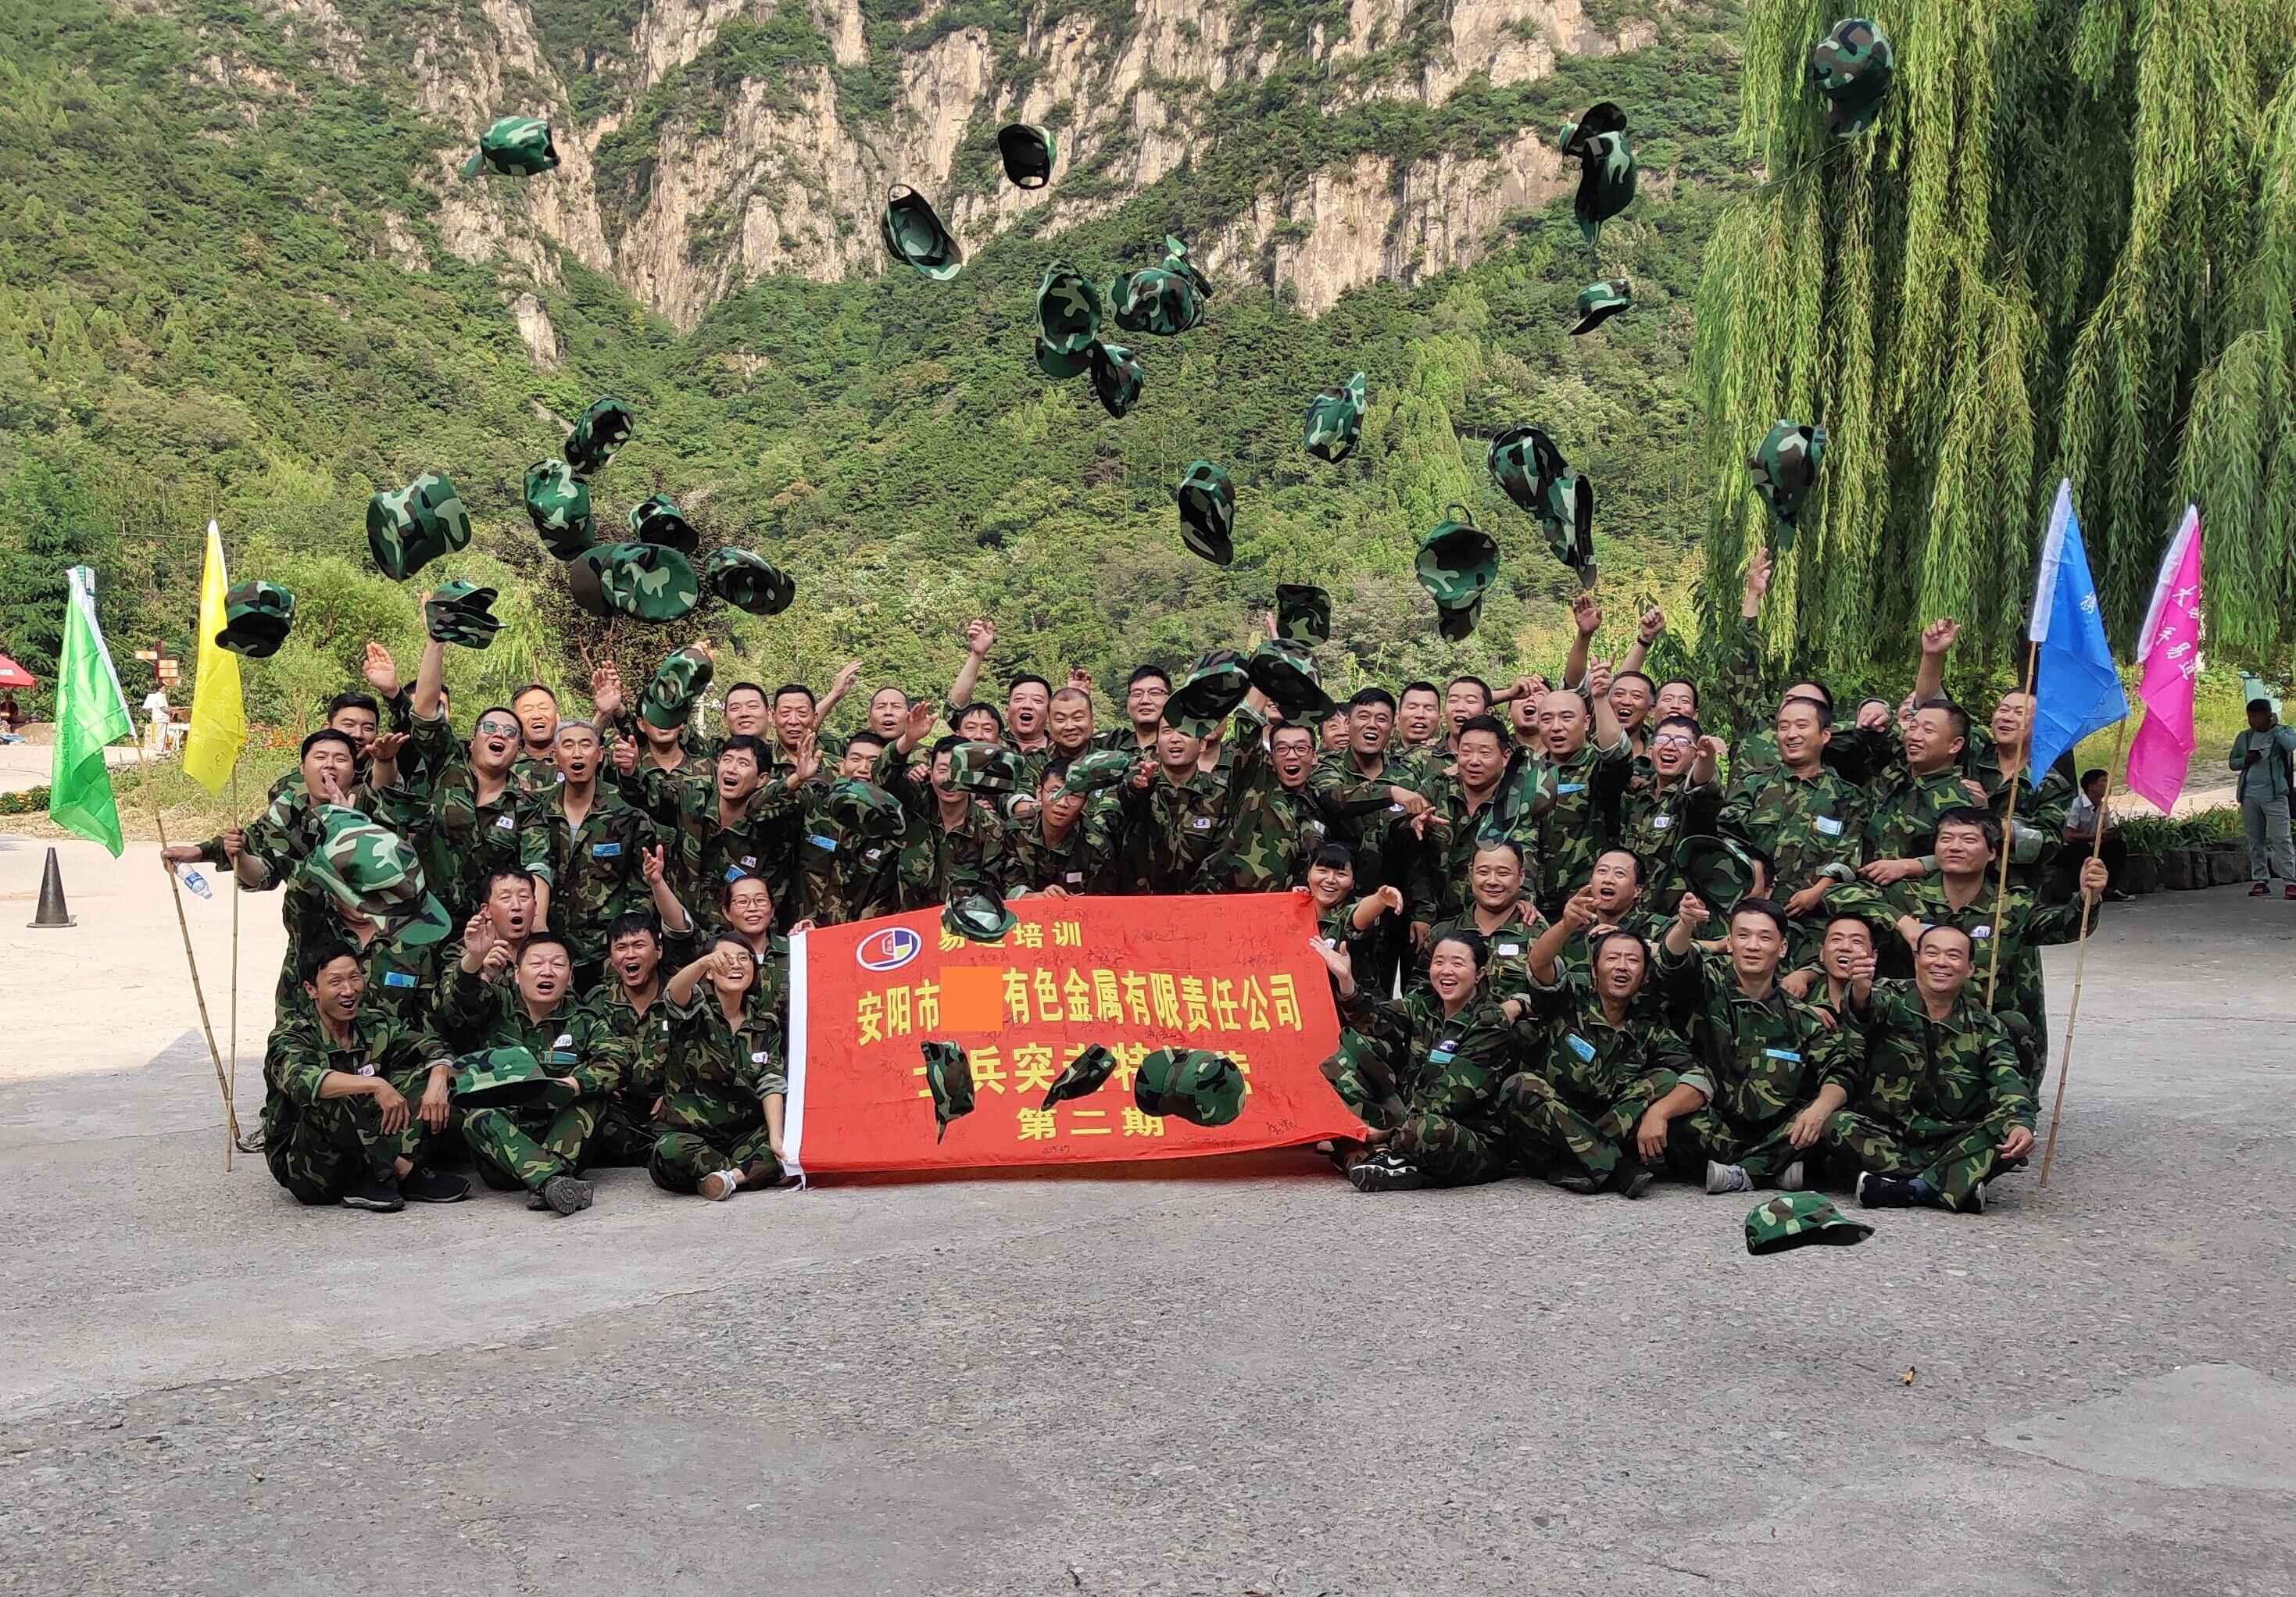 《贝博信誉某有色金属有限责任公司士兵突击特训营》第二期胜利贝博足球!